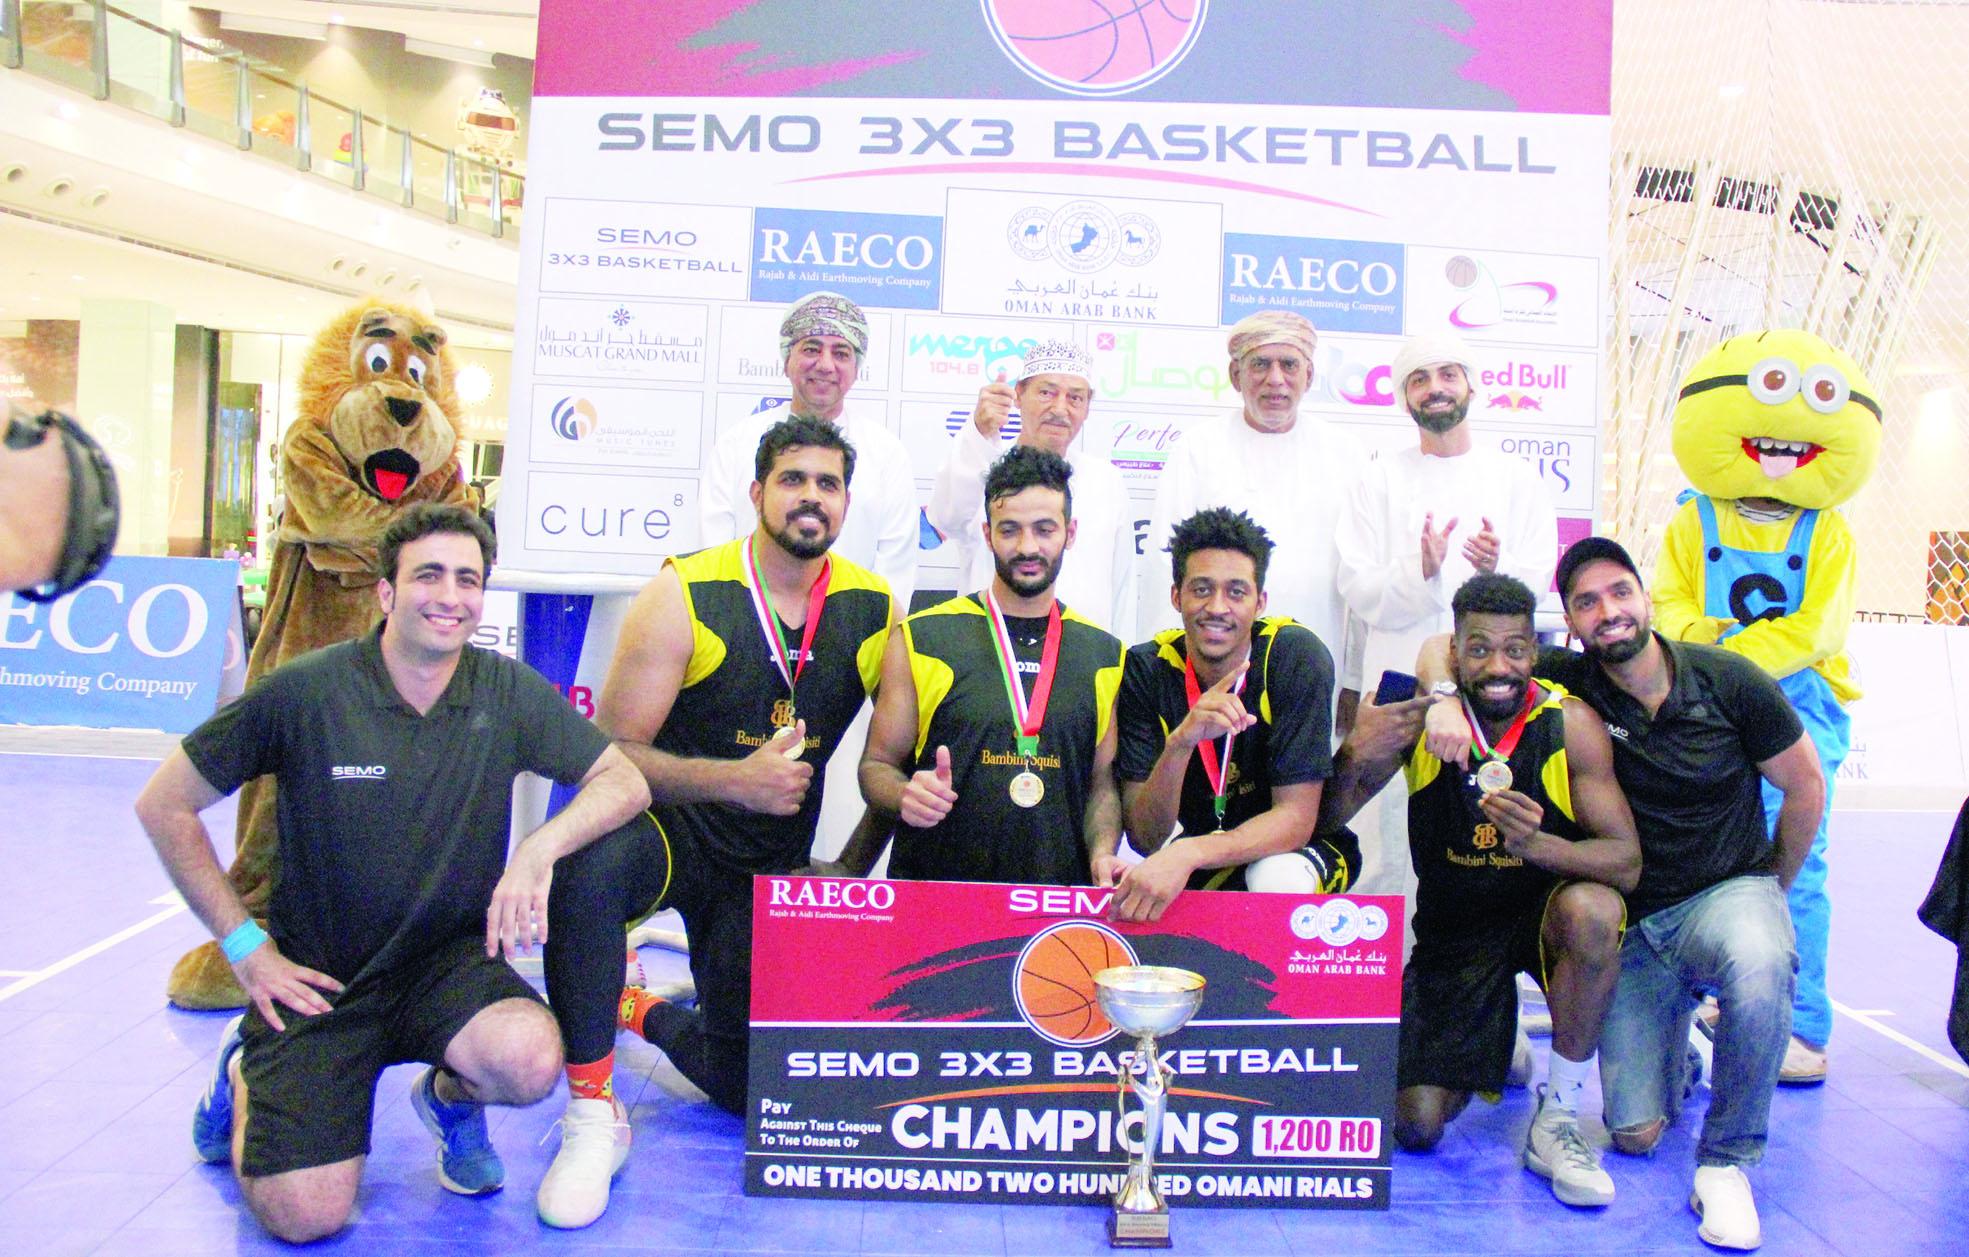 بلغ مجموع جوائزها 2400 ريالاتحاد السلة يتوج الفائزين ببطولة سيمو لكرة السلة 3×3